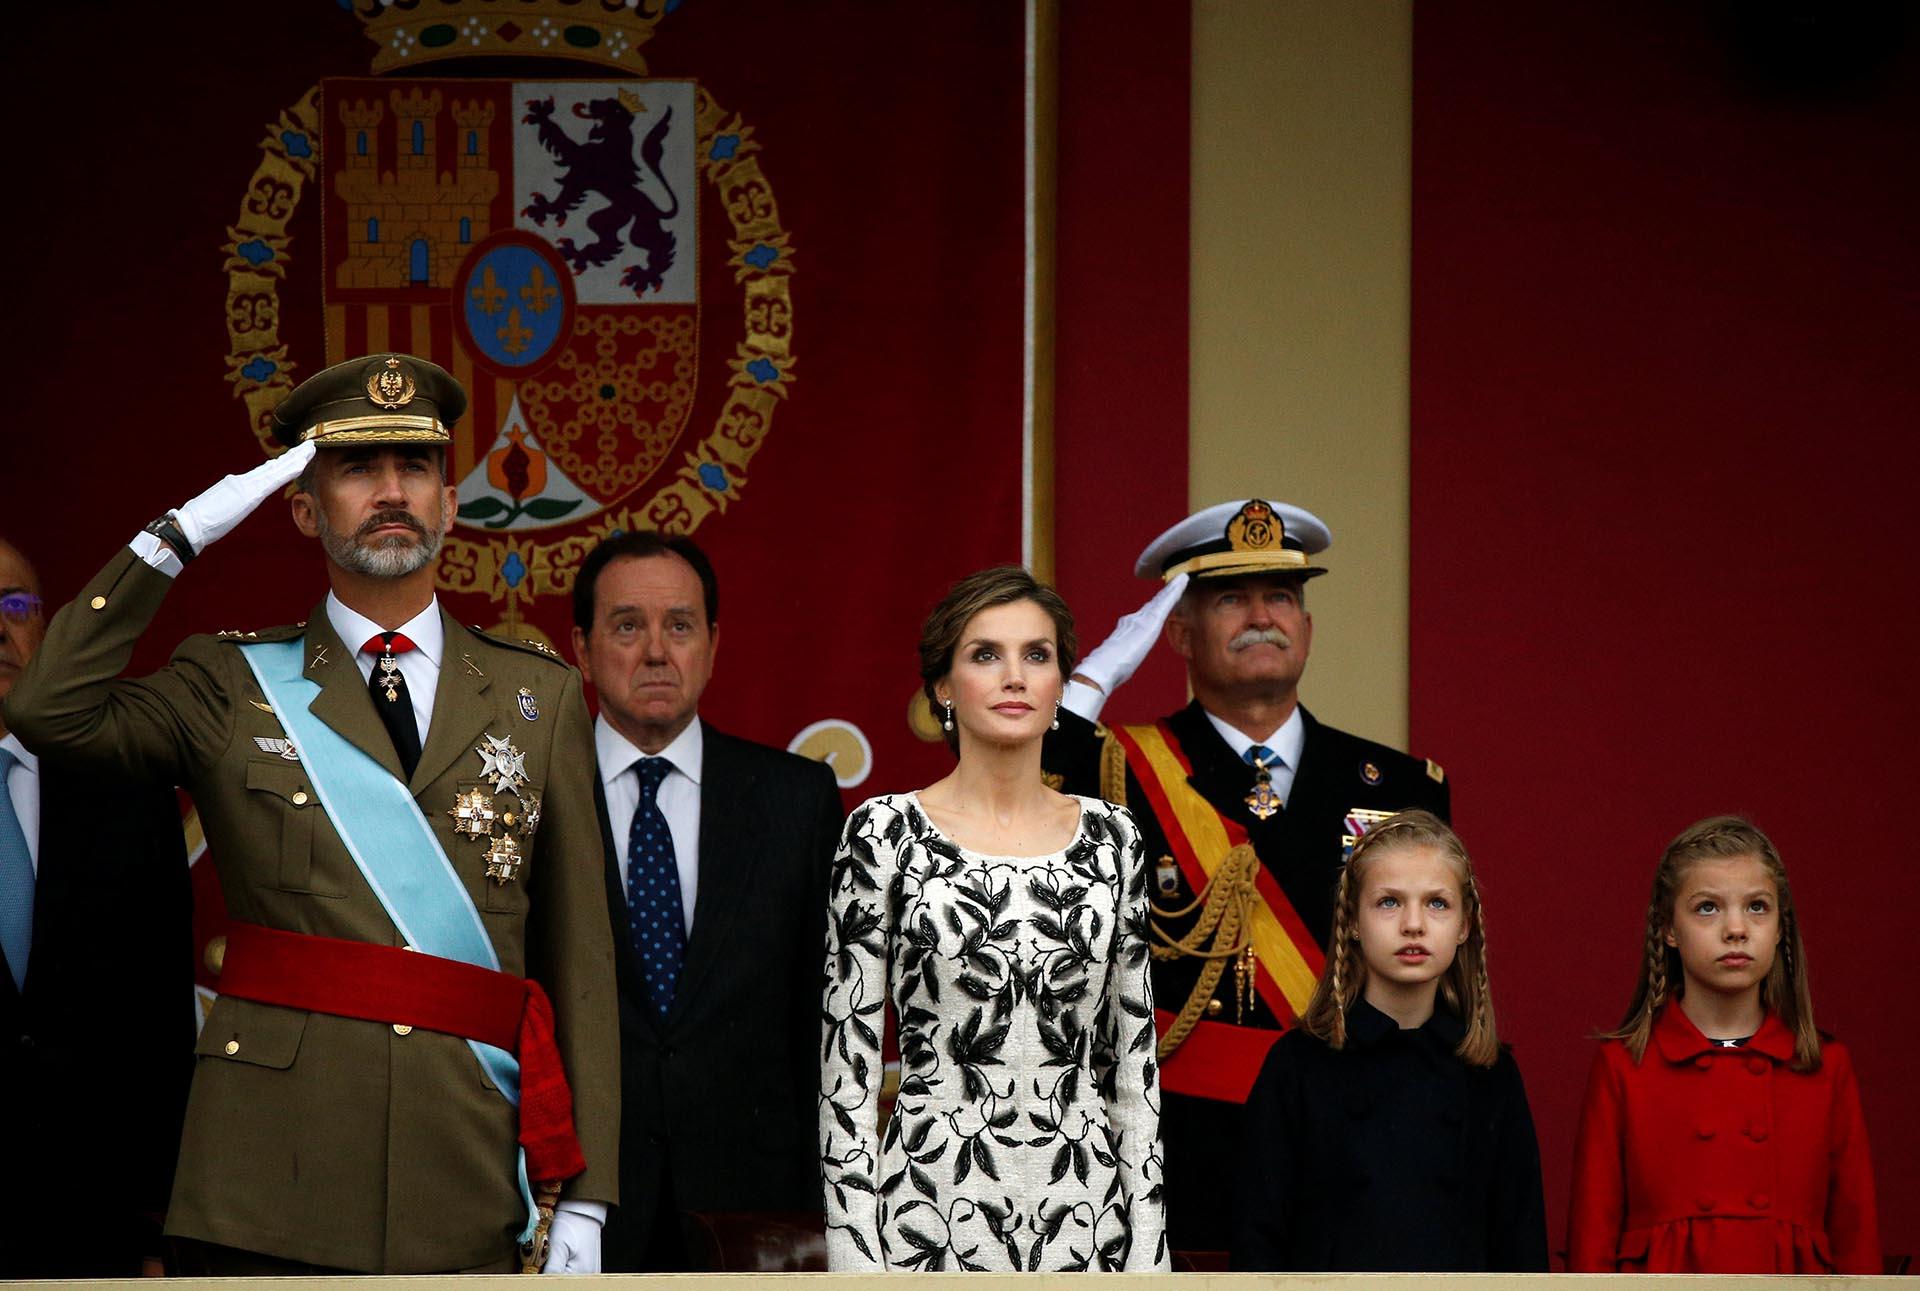 En los festejos por el Día nacional de de España en Madrid, durante un acto protocolar que vuelve a mostrar a la familia unida.